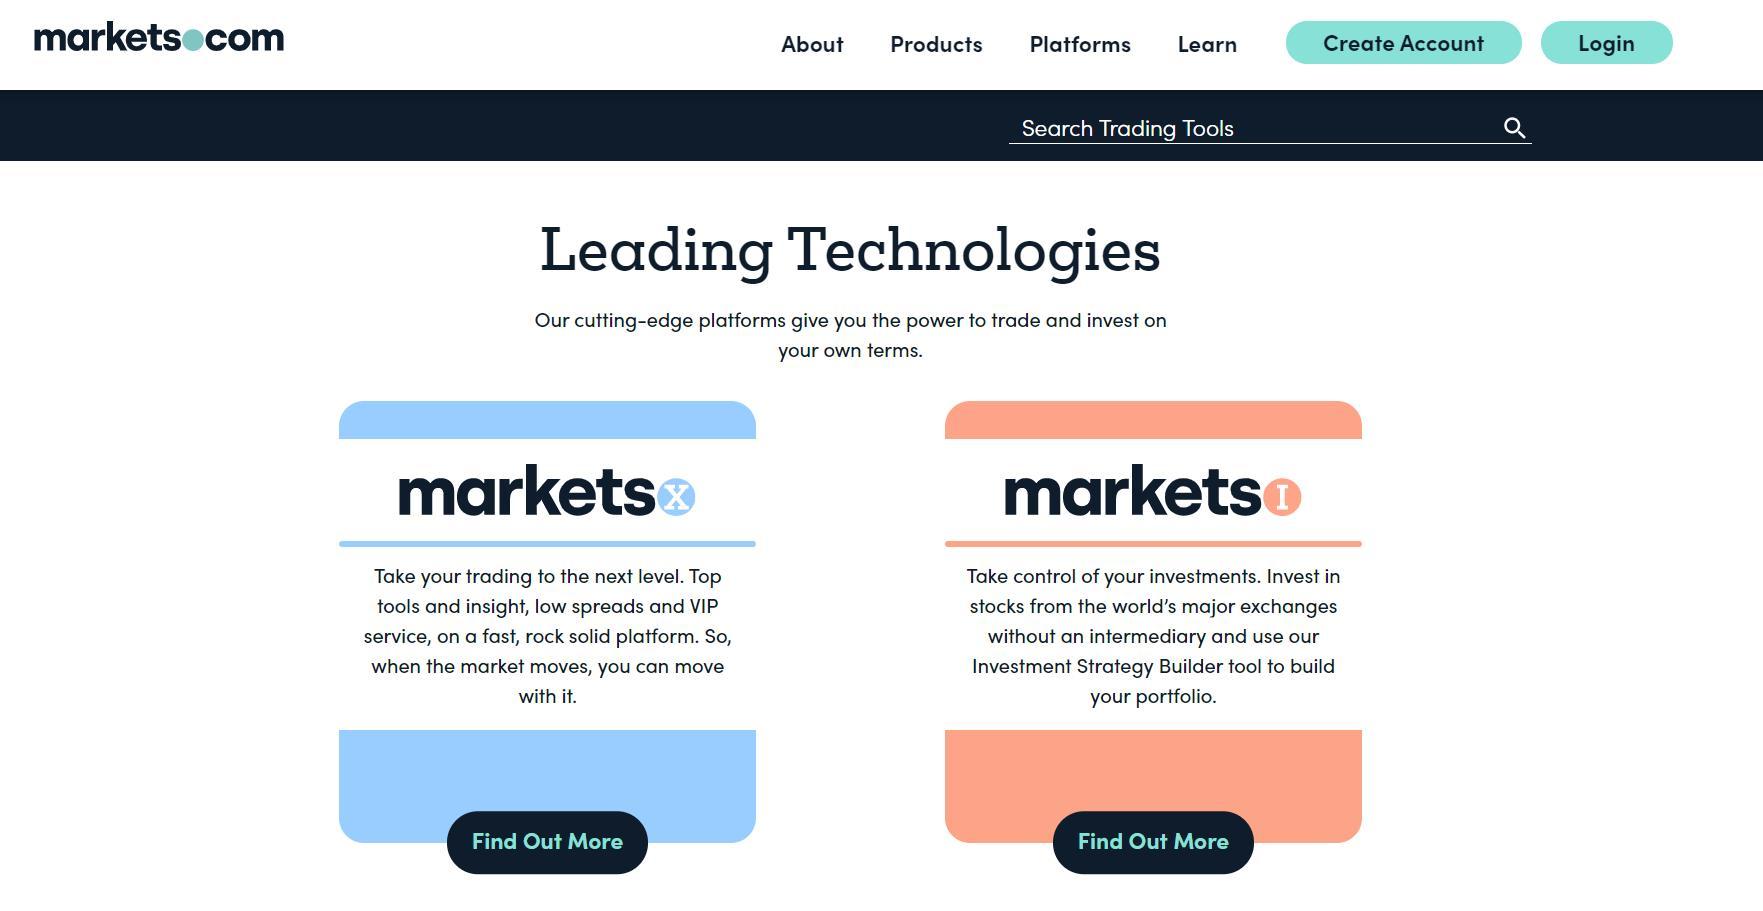 обзор брокерской компании markets.com